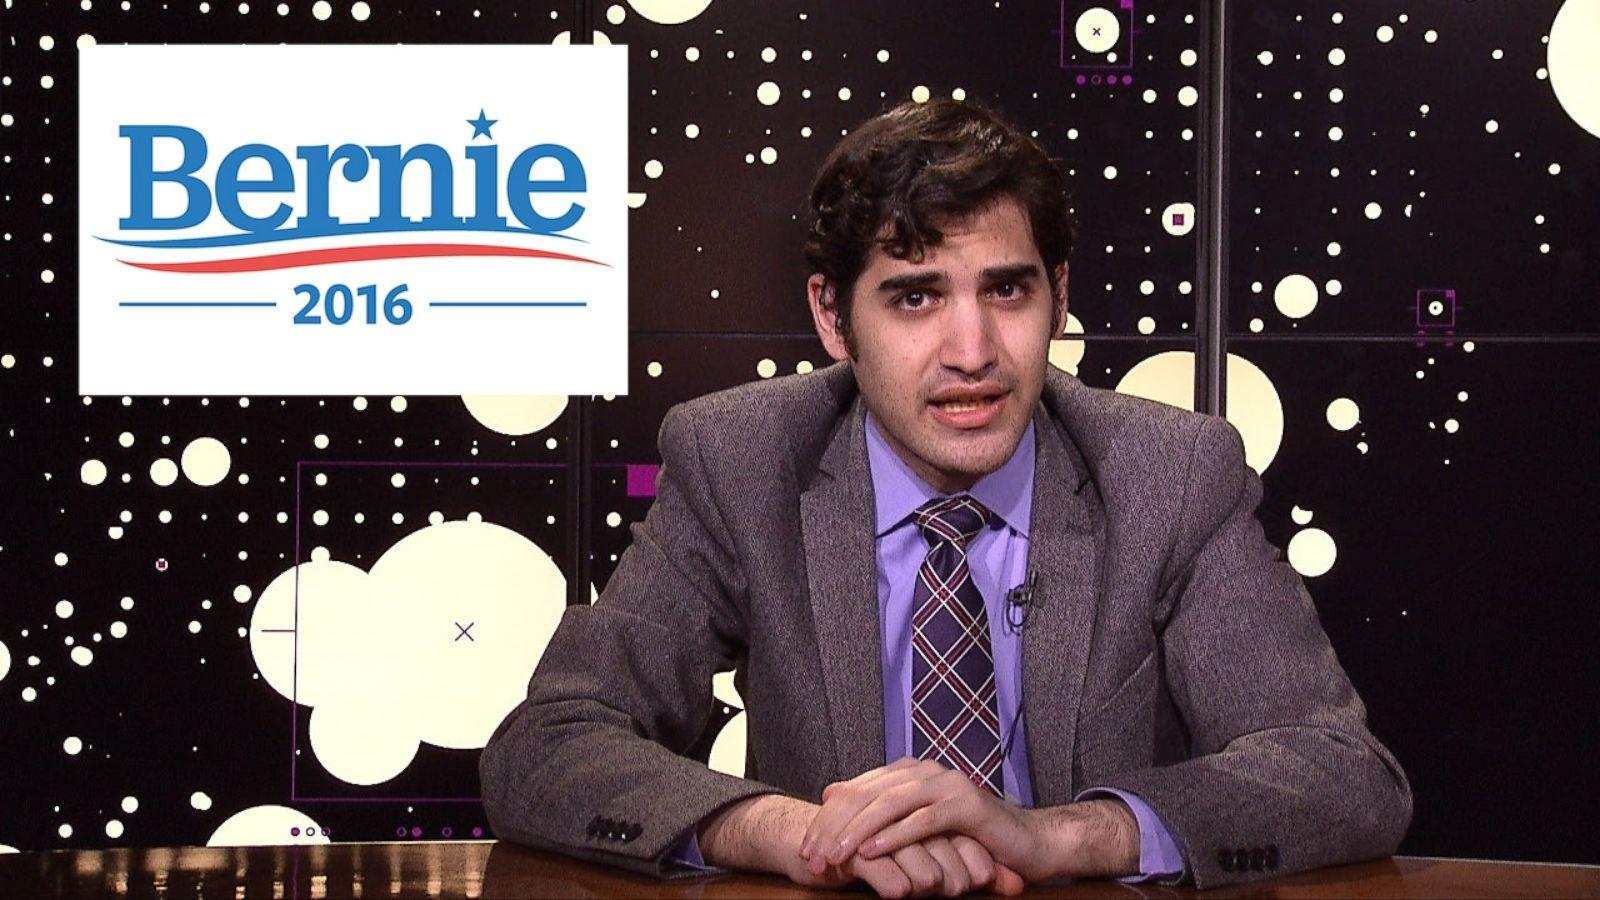 What Bernie Sanders Meant